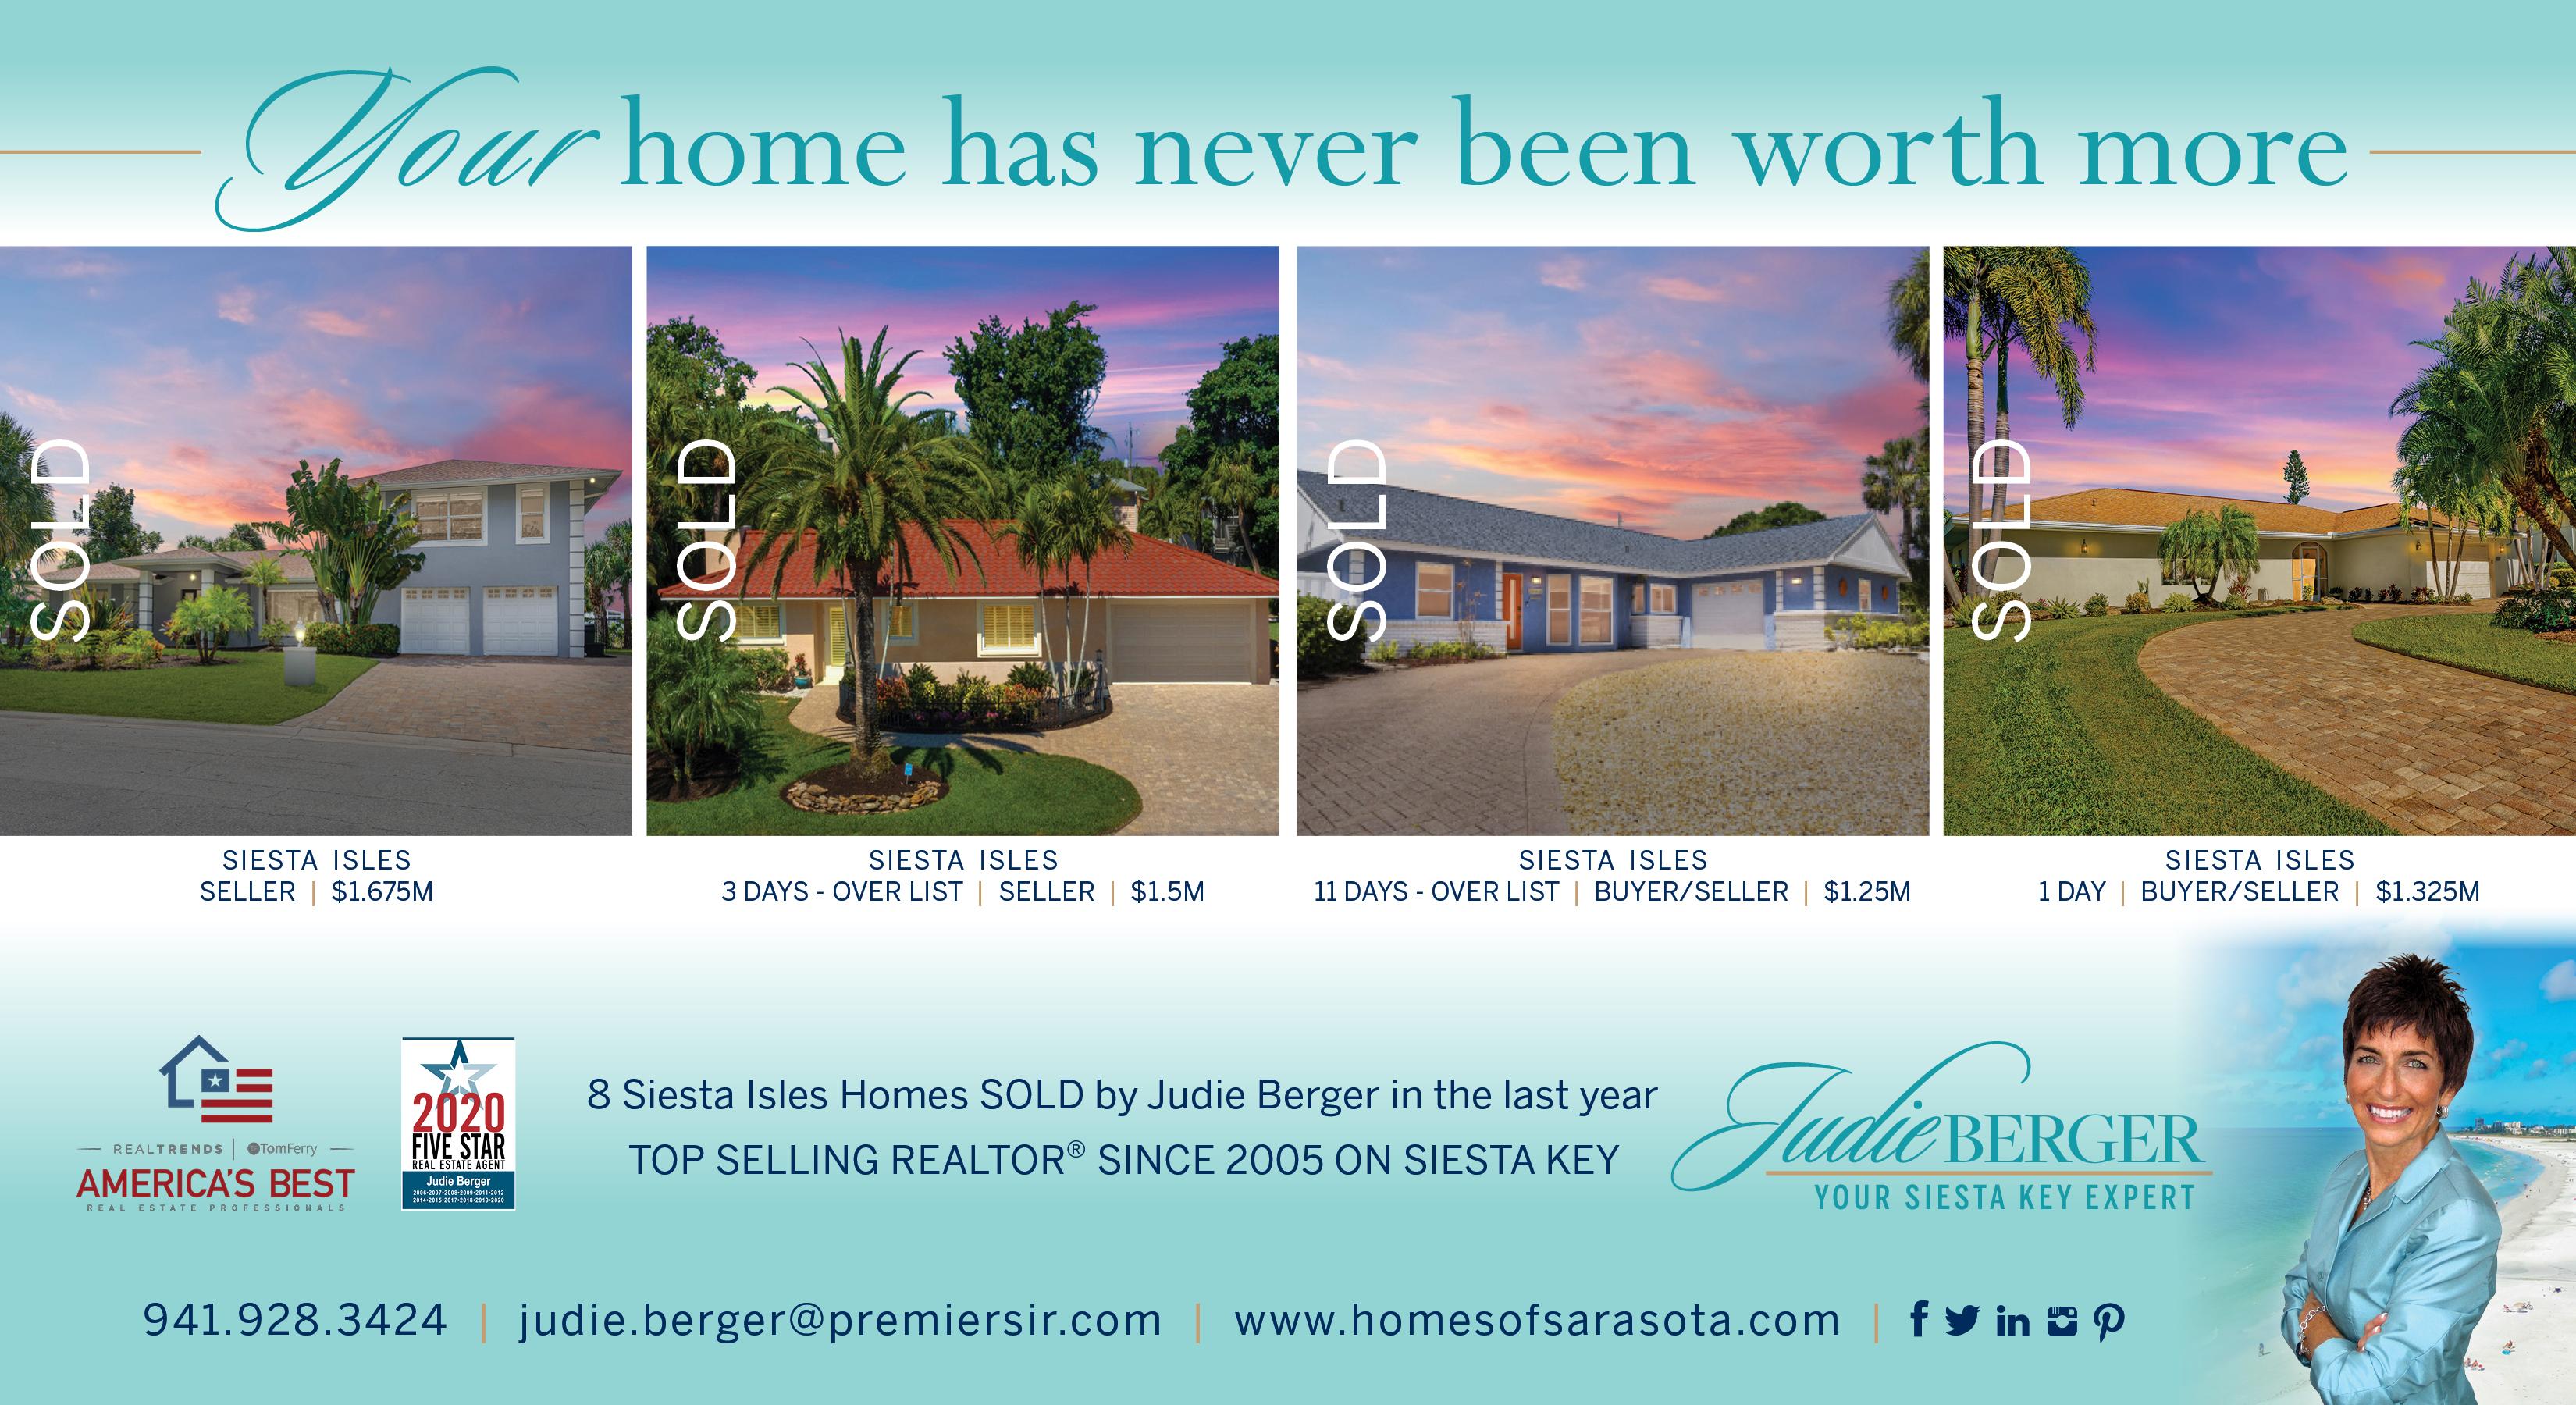 Siesta Isles Homes & Real Estate for Sale by Judie Berger